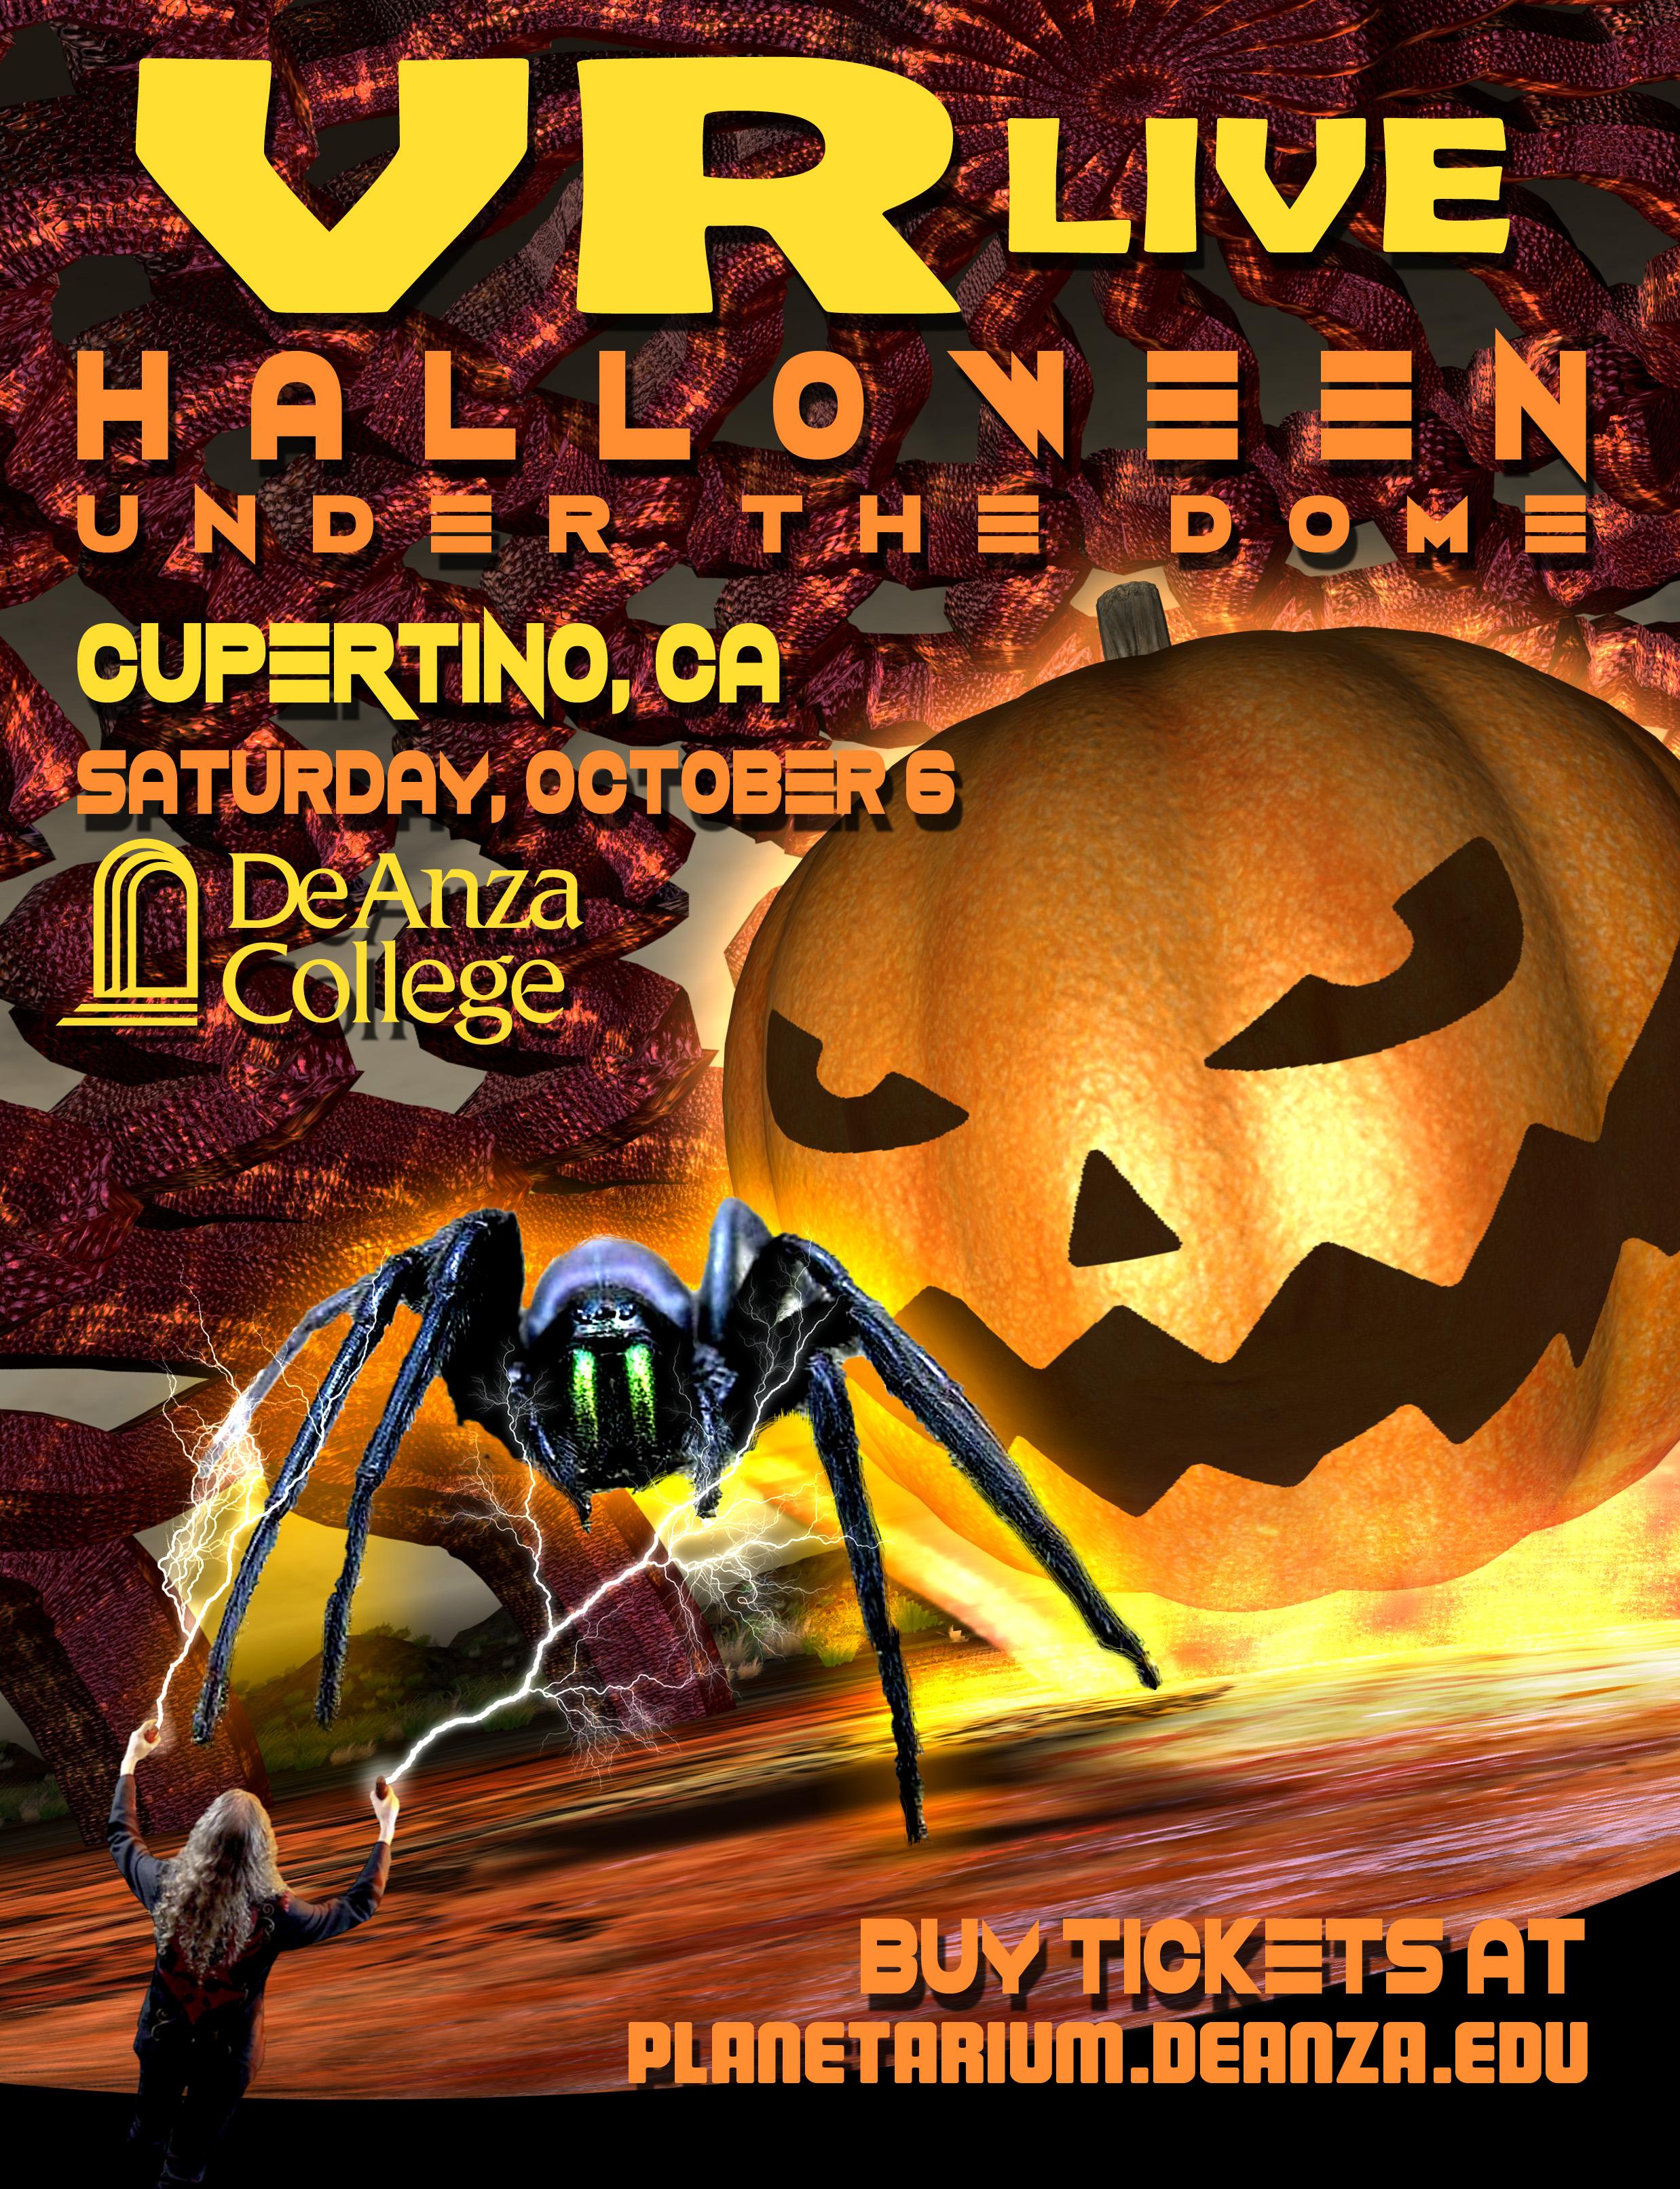 De Anza College Halloween Performance, October 6